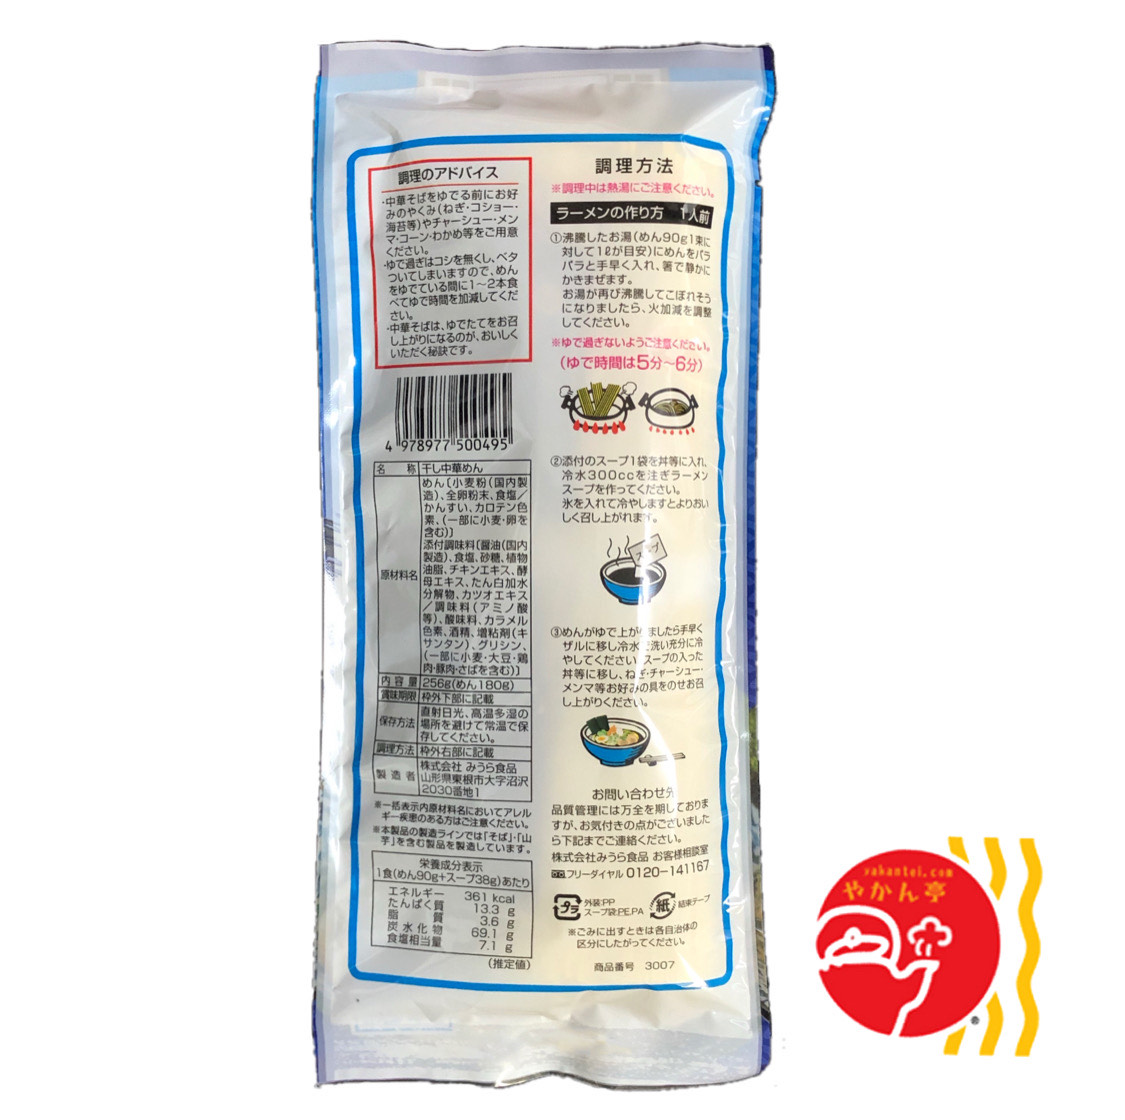 「季節商品」そば屋の中華 山形発 スープが冷たいラーメン